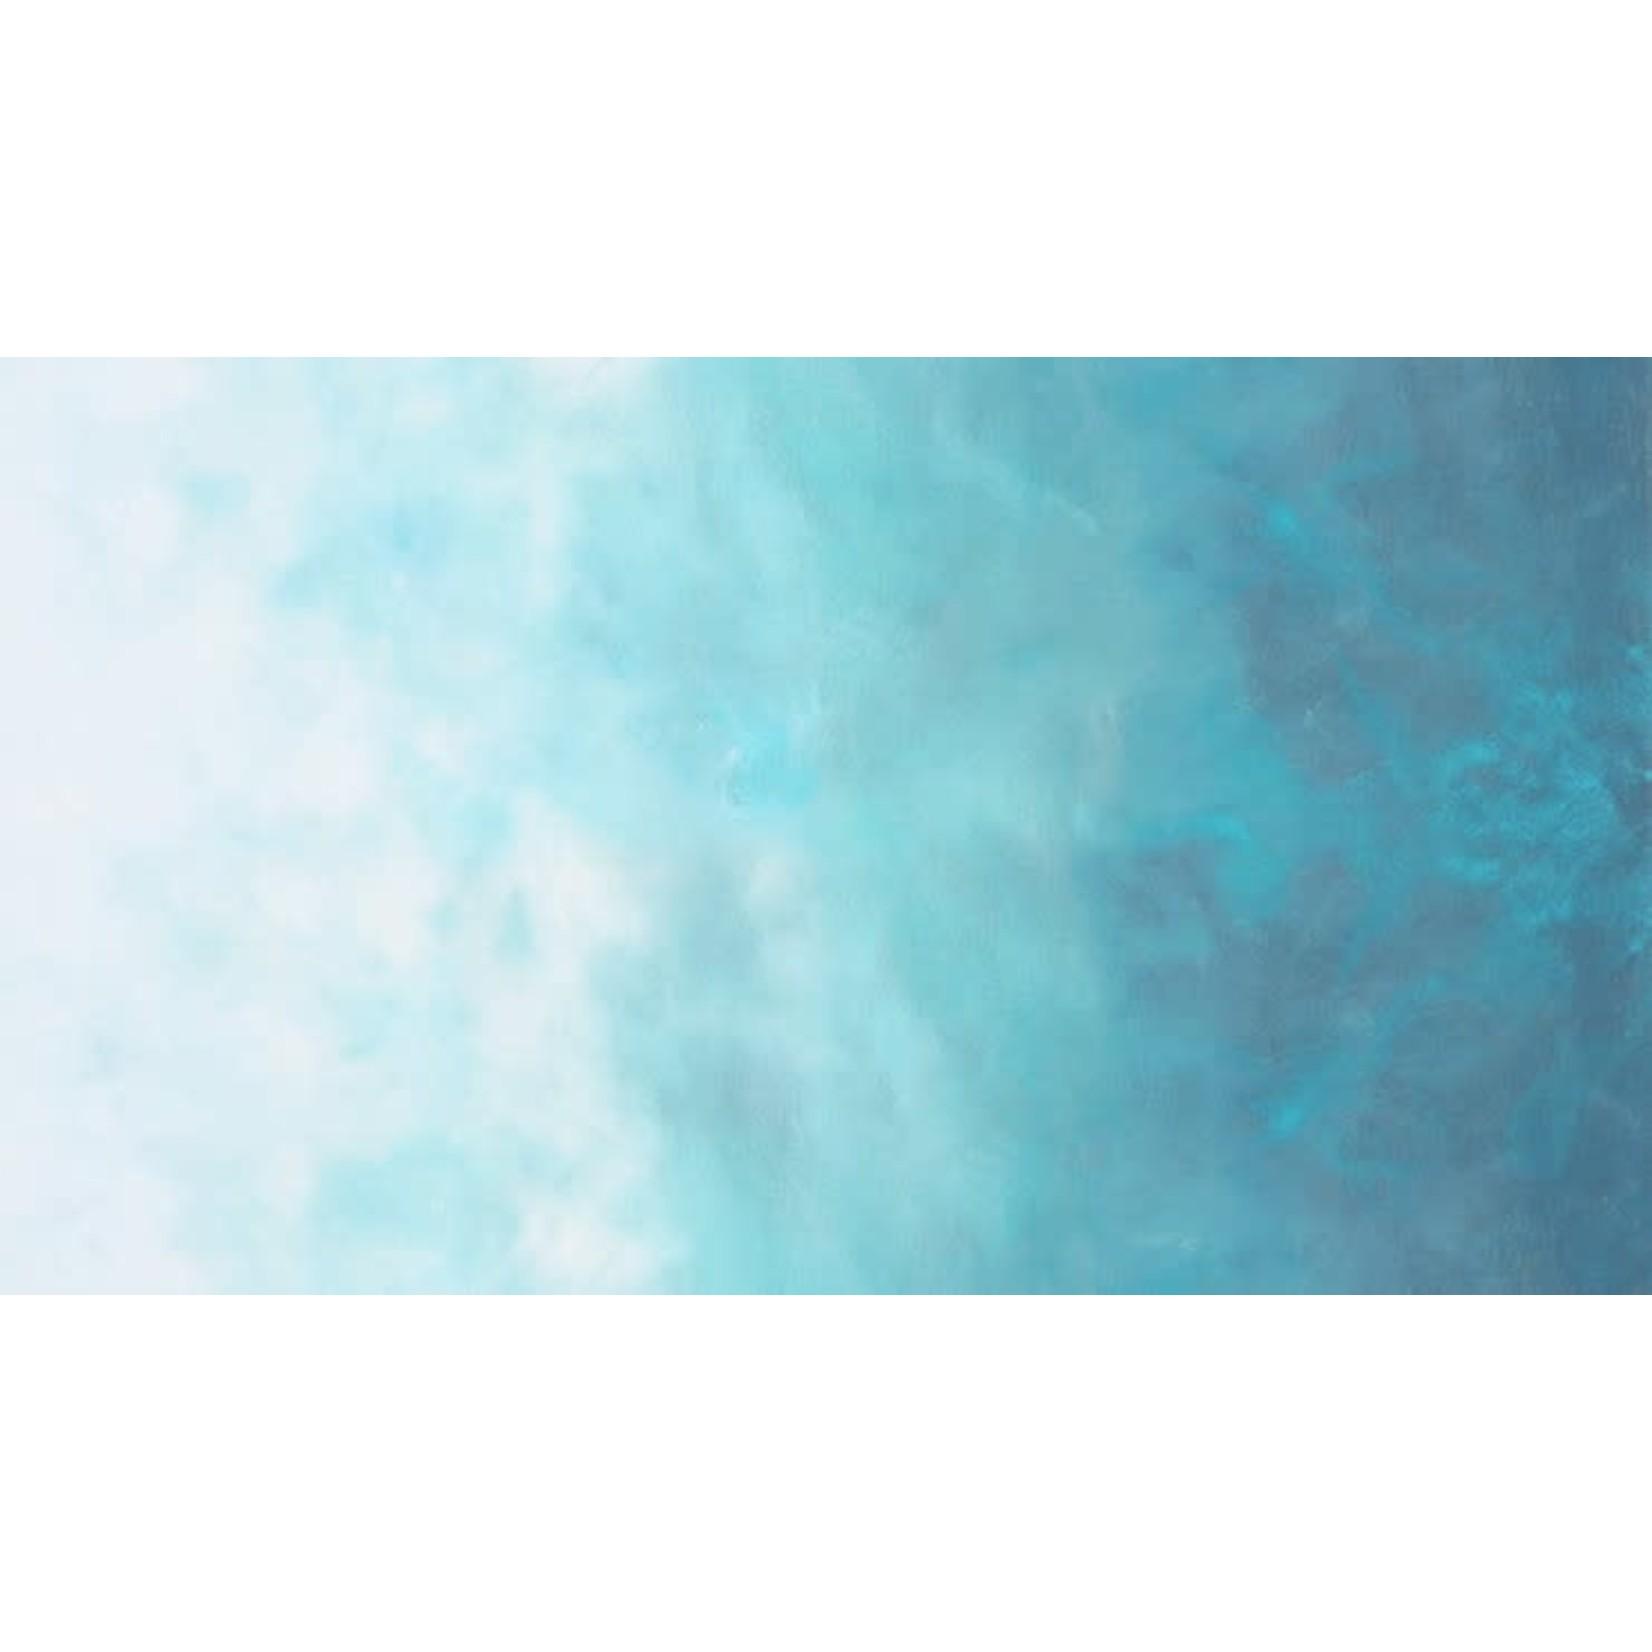 ROBERT KAUFMAN Sky by Jennifer Sampou, Ombre, Spa, per cm or $18/m